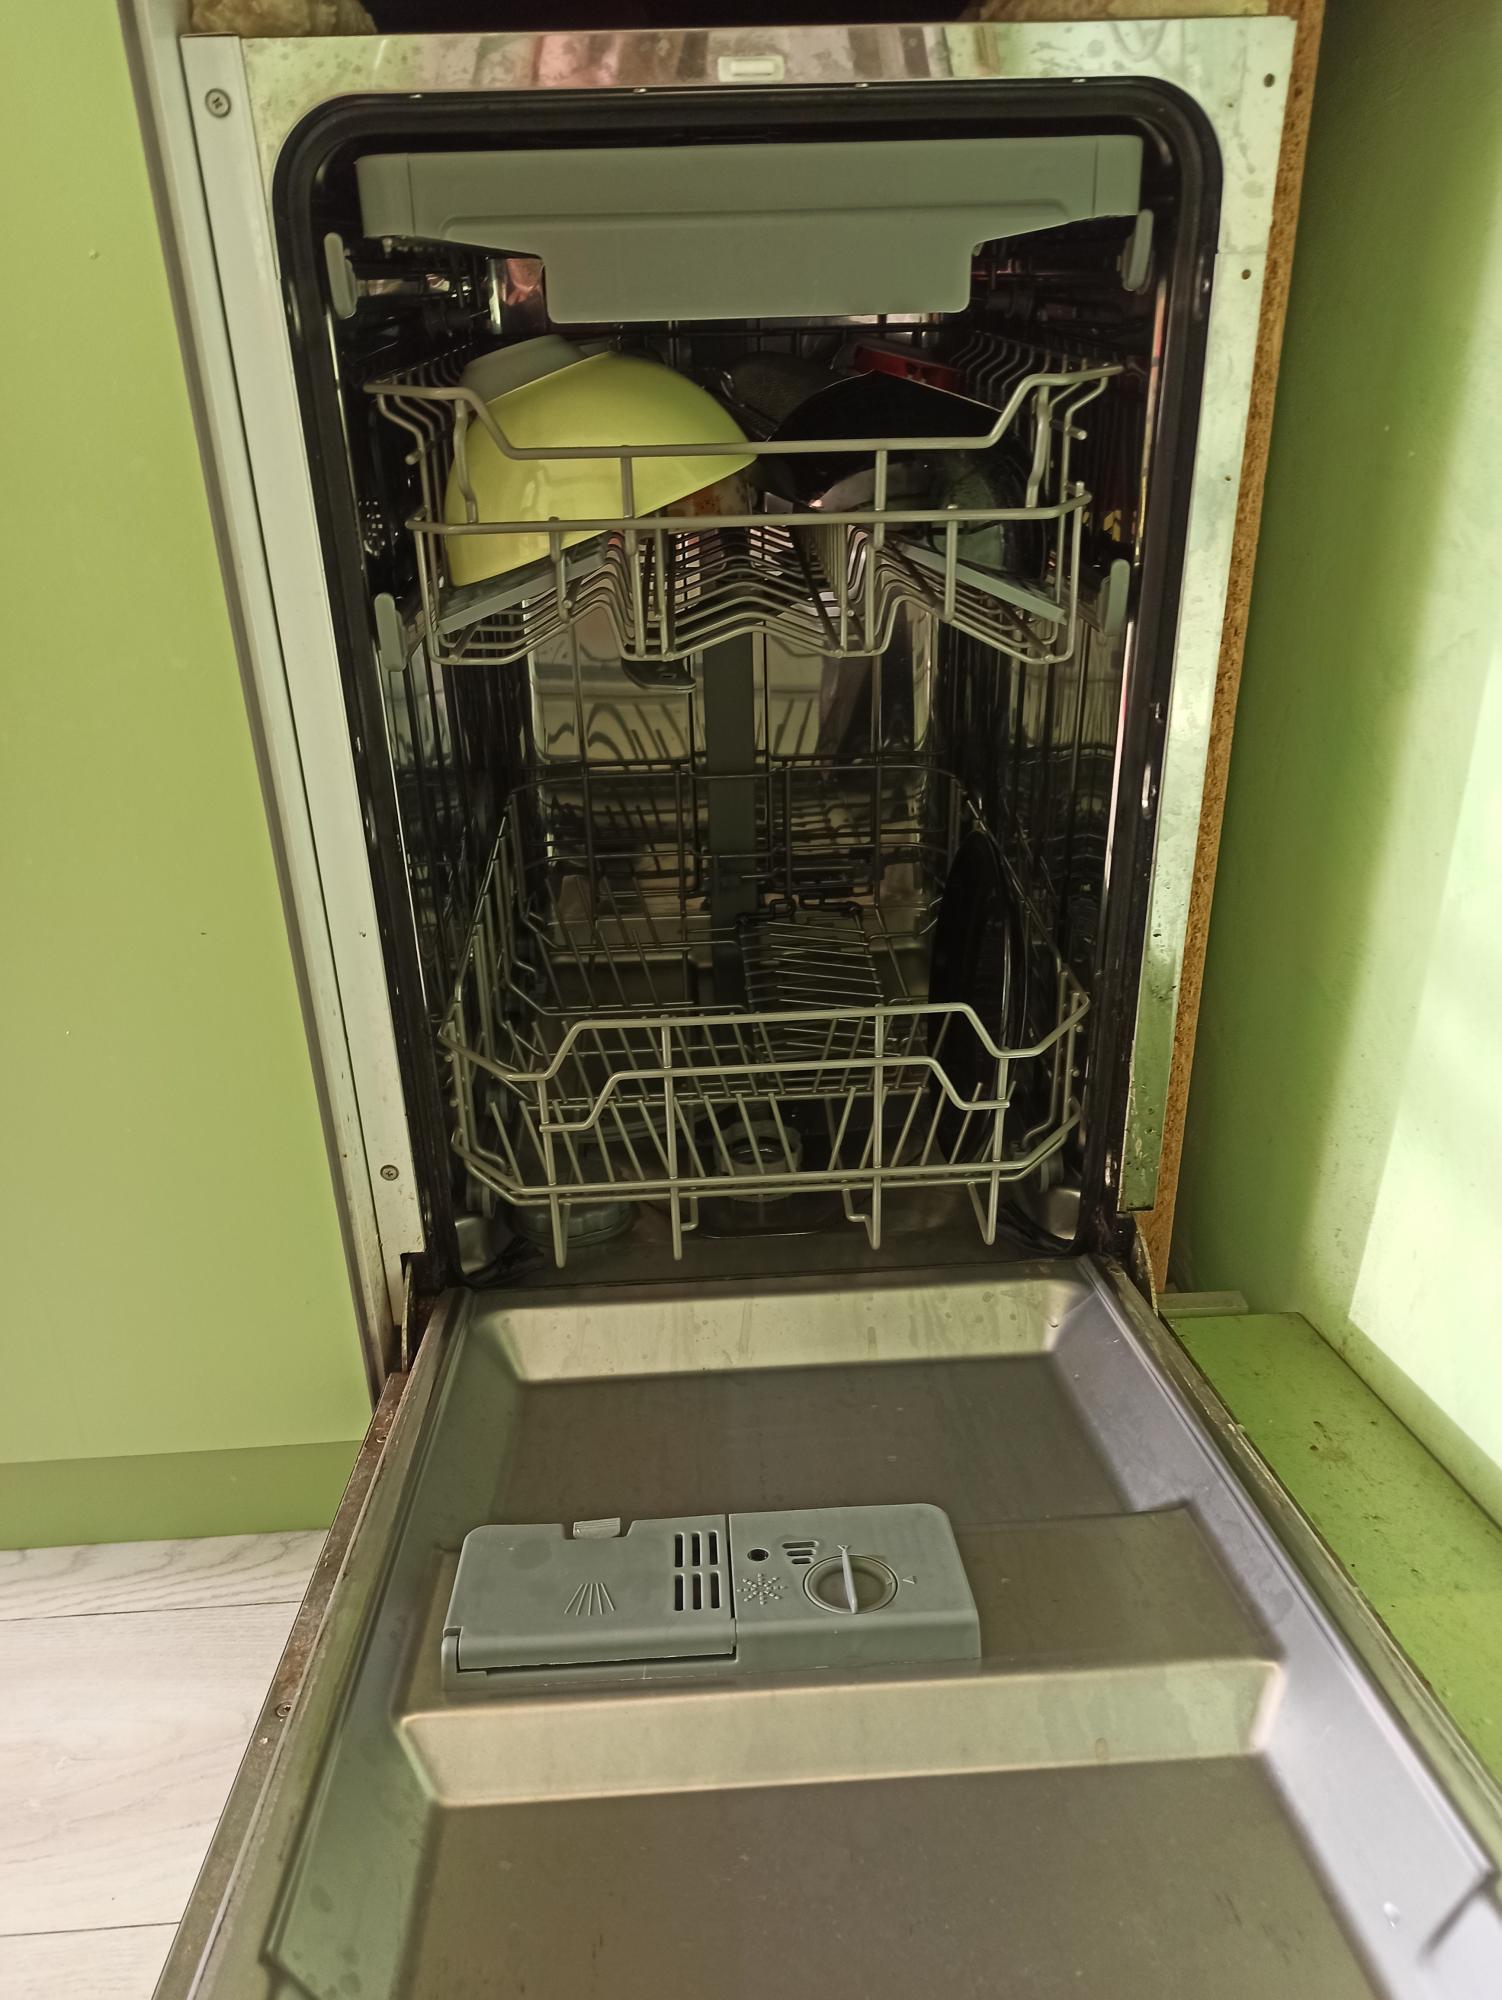 Посудомойка встраиваемая 45 см 89262722101 купить 2